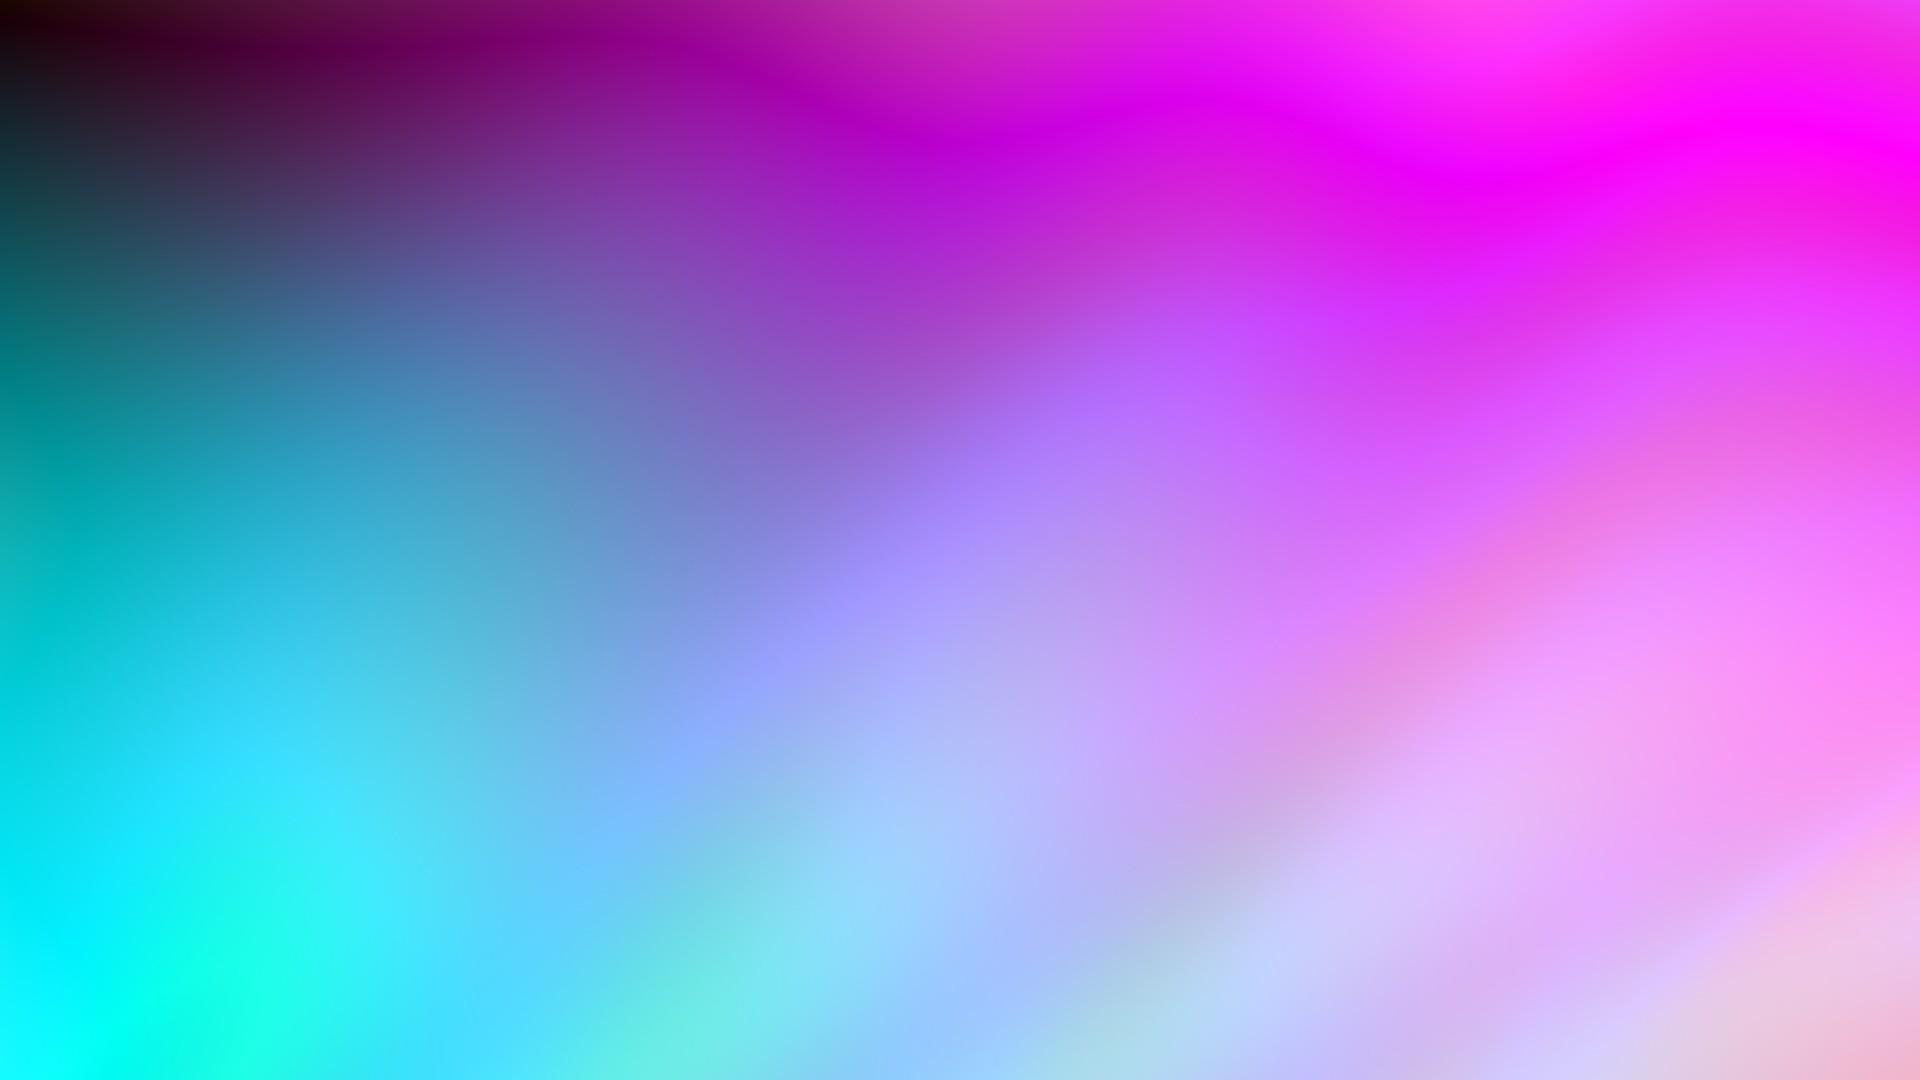 gradient background 46249